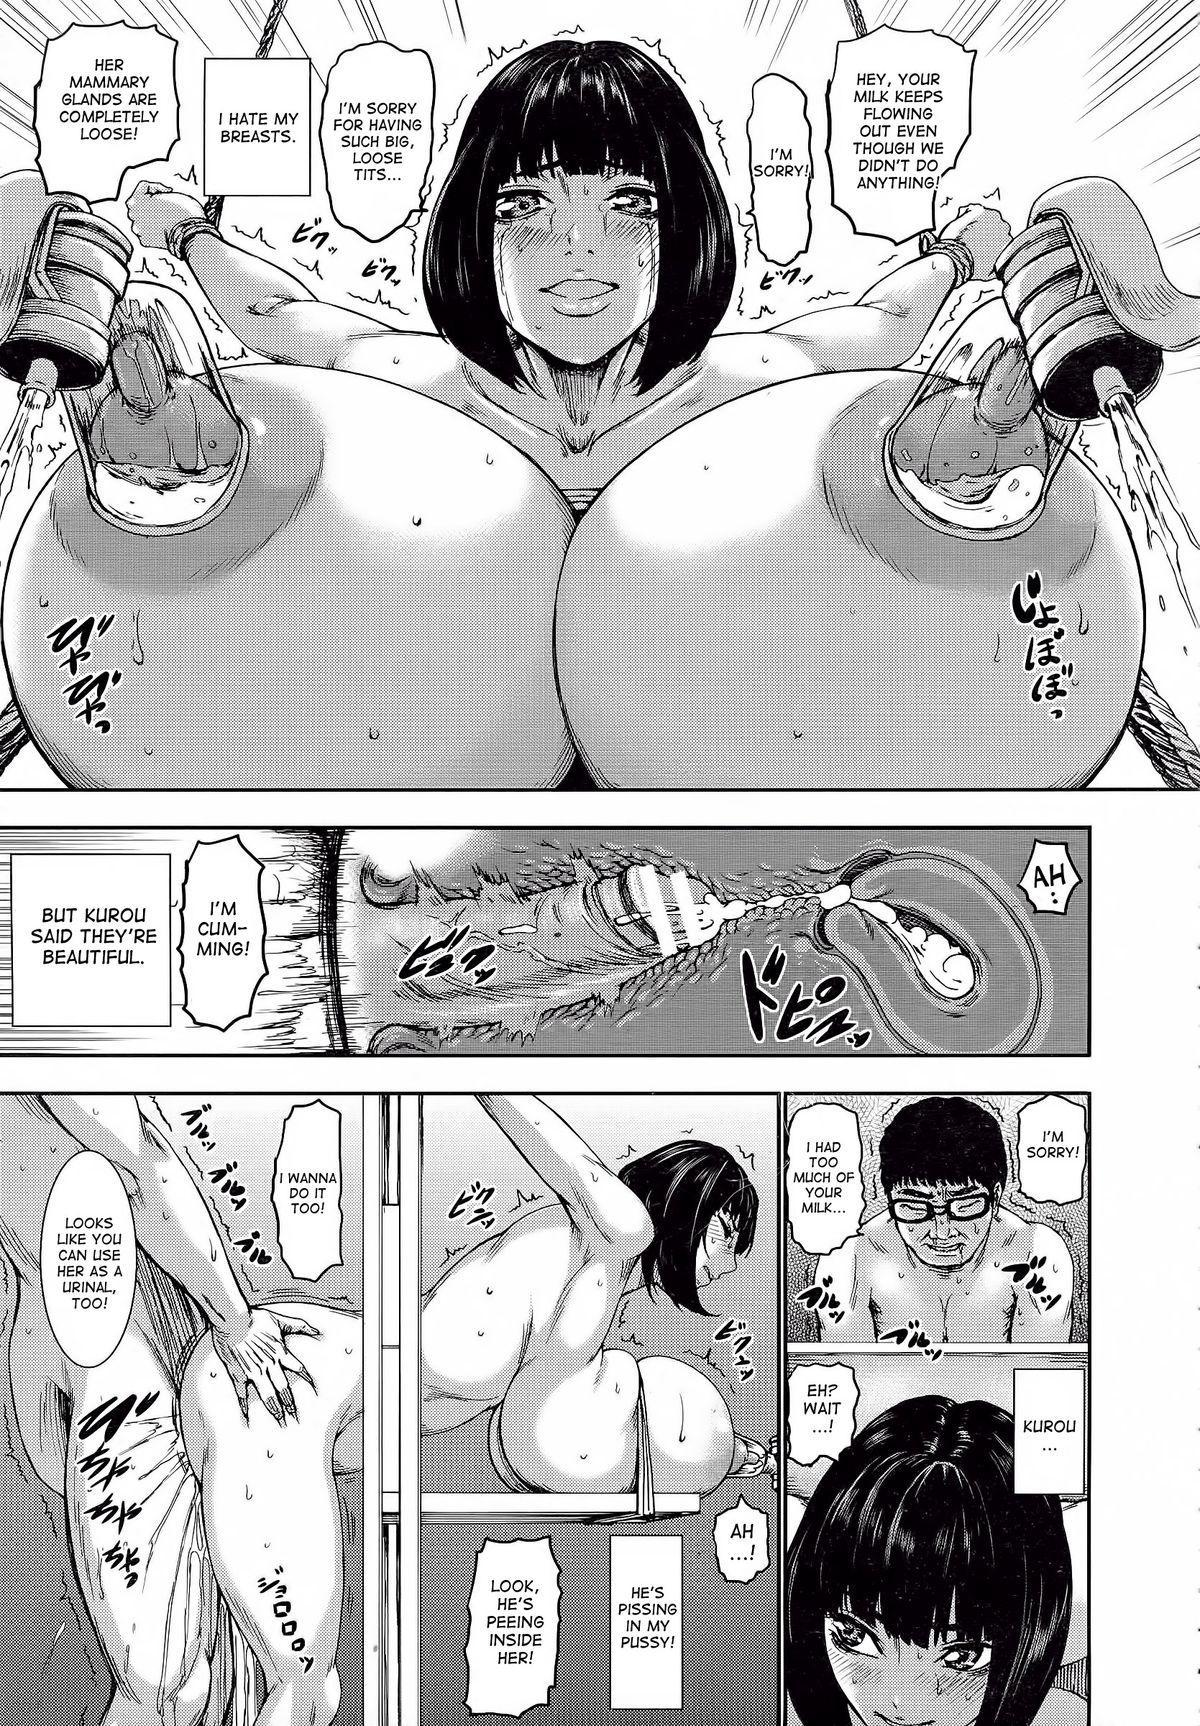 [PIero] Kuroyuki ~Inniku Sakunyuu Jigoku~ Kouhen | Black Snow ~The Depraved Cow-milking Hell~ part 2 (ANGEL Club 2015-05) [English] [desudesu] 12